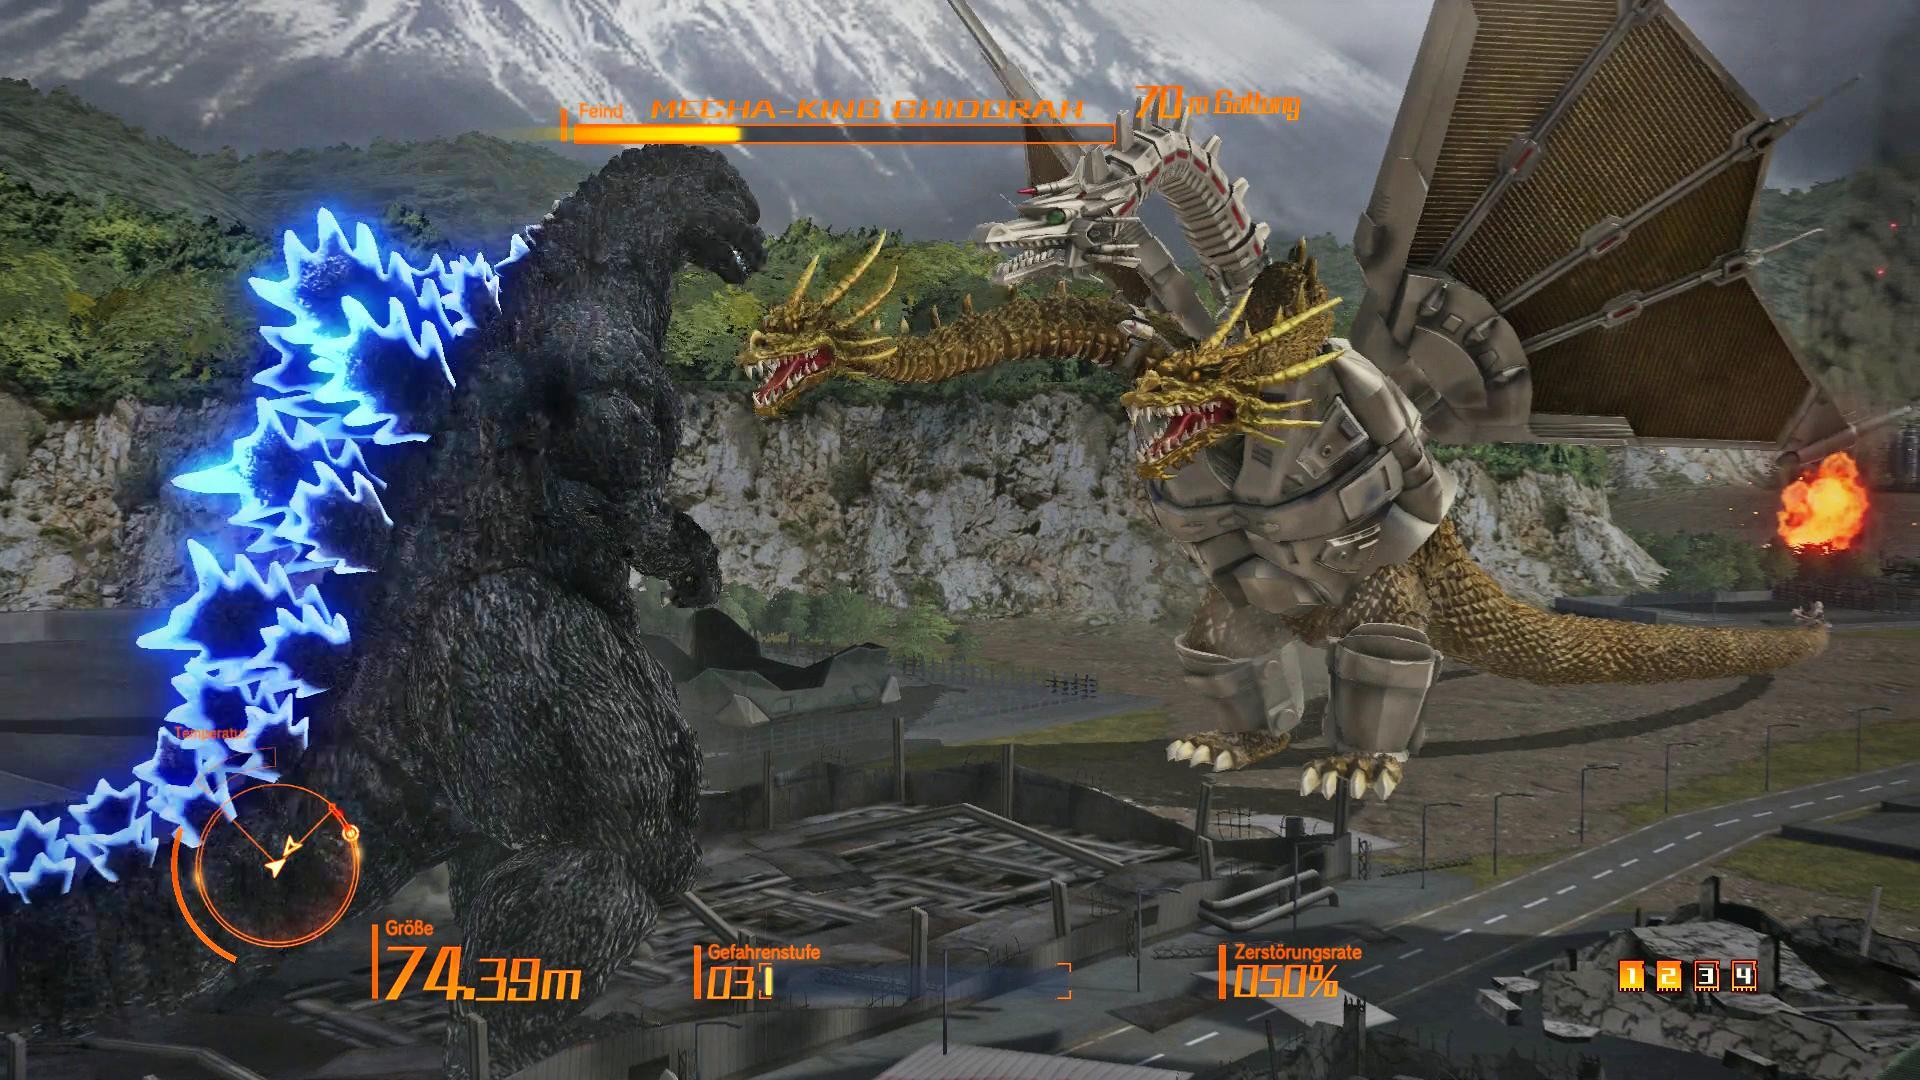 Godzilla Spiele